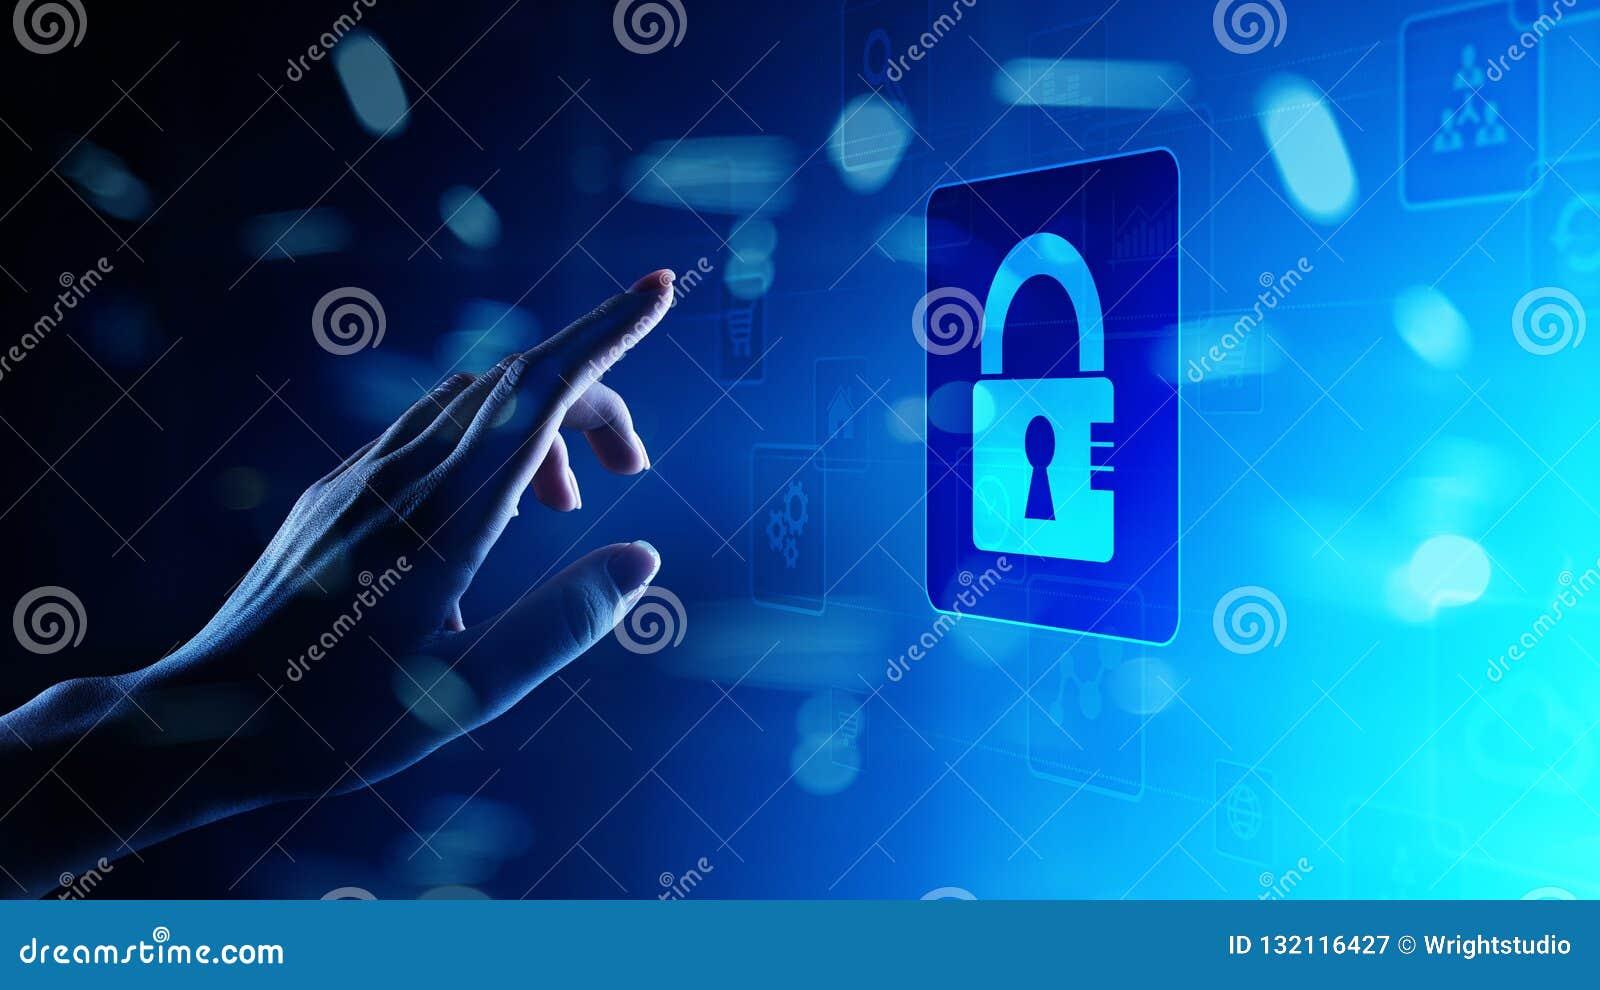 Segurança do Cyber, proteção de dados pessoal, privacidade da informação Ícone do cadeado na tela virtual Conceito da tecnologia